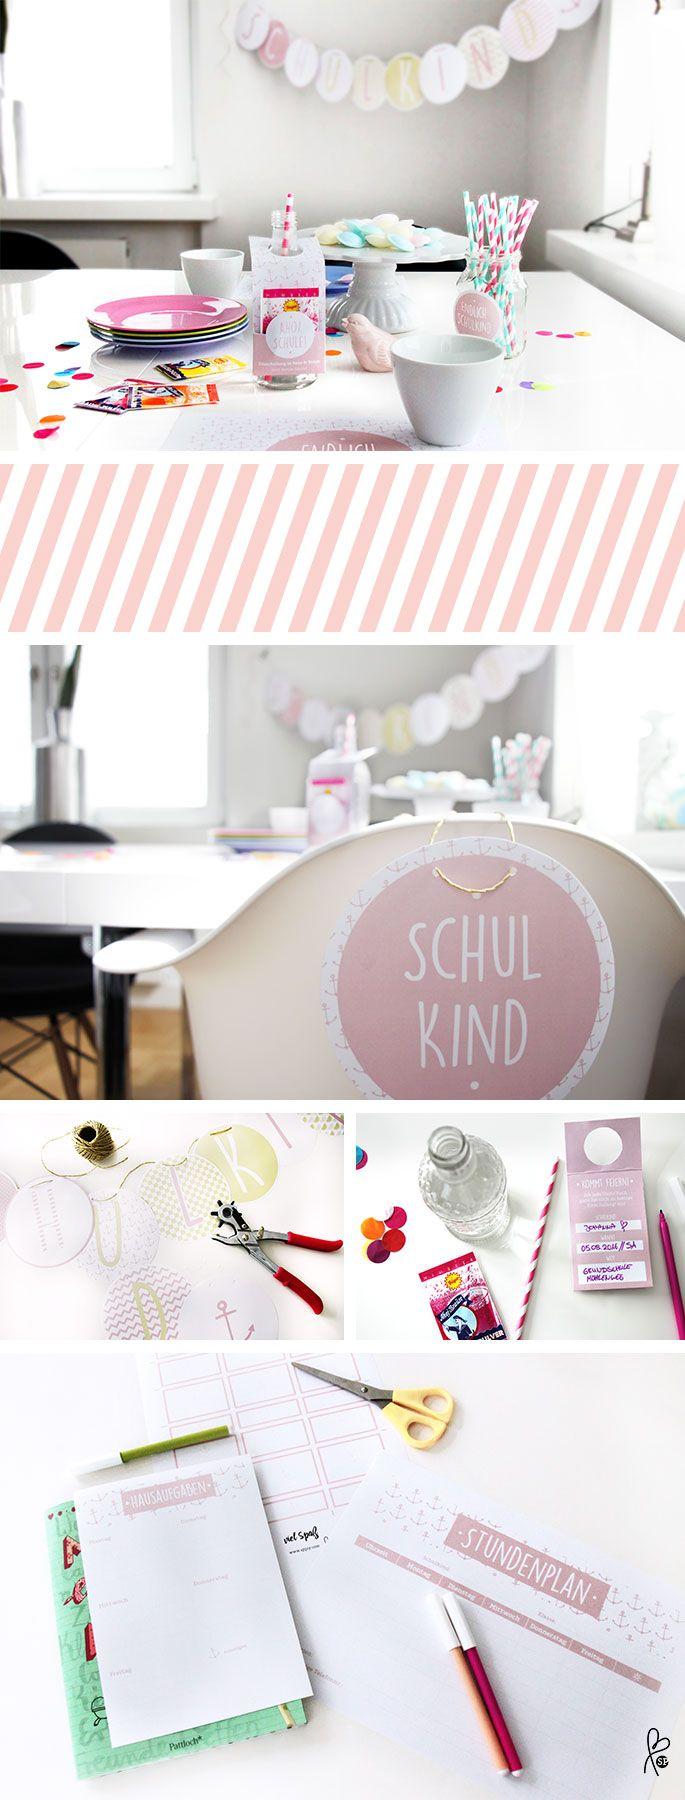 Bereite schon jetzt die Einschulung vor! Mit diesen tollen Printable-Vorlagen – für Jungs & Mädchen! www.dawanda.de/shop/sppiy